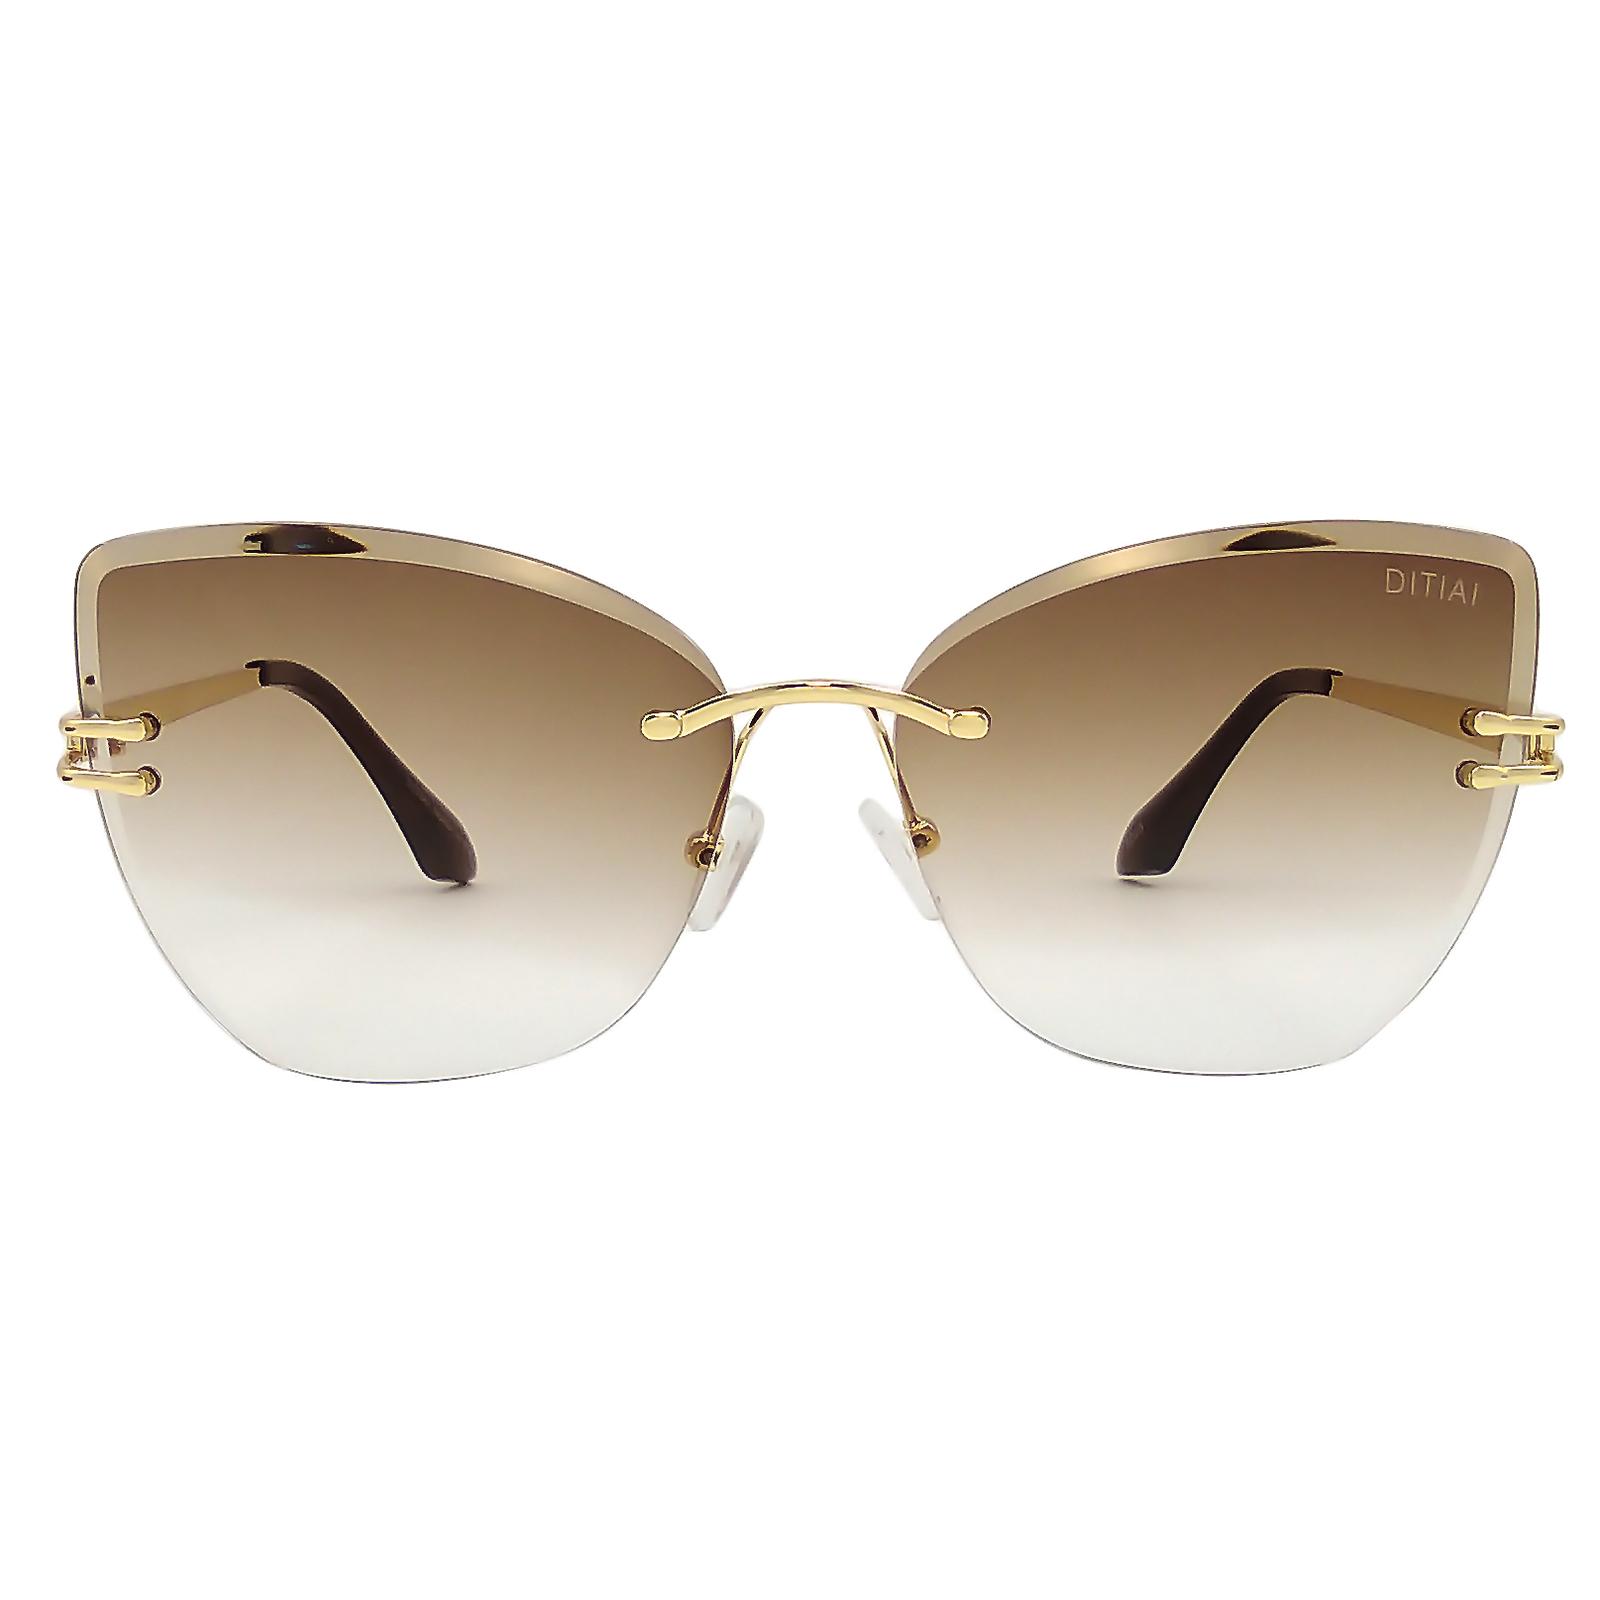 عینک آفتابی زنانه دیتیای کد S28-01078